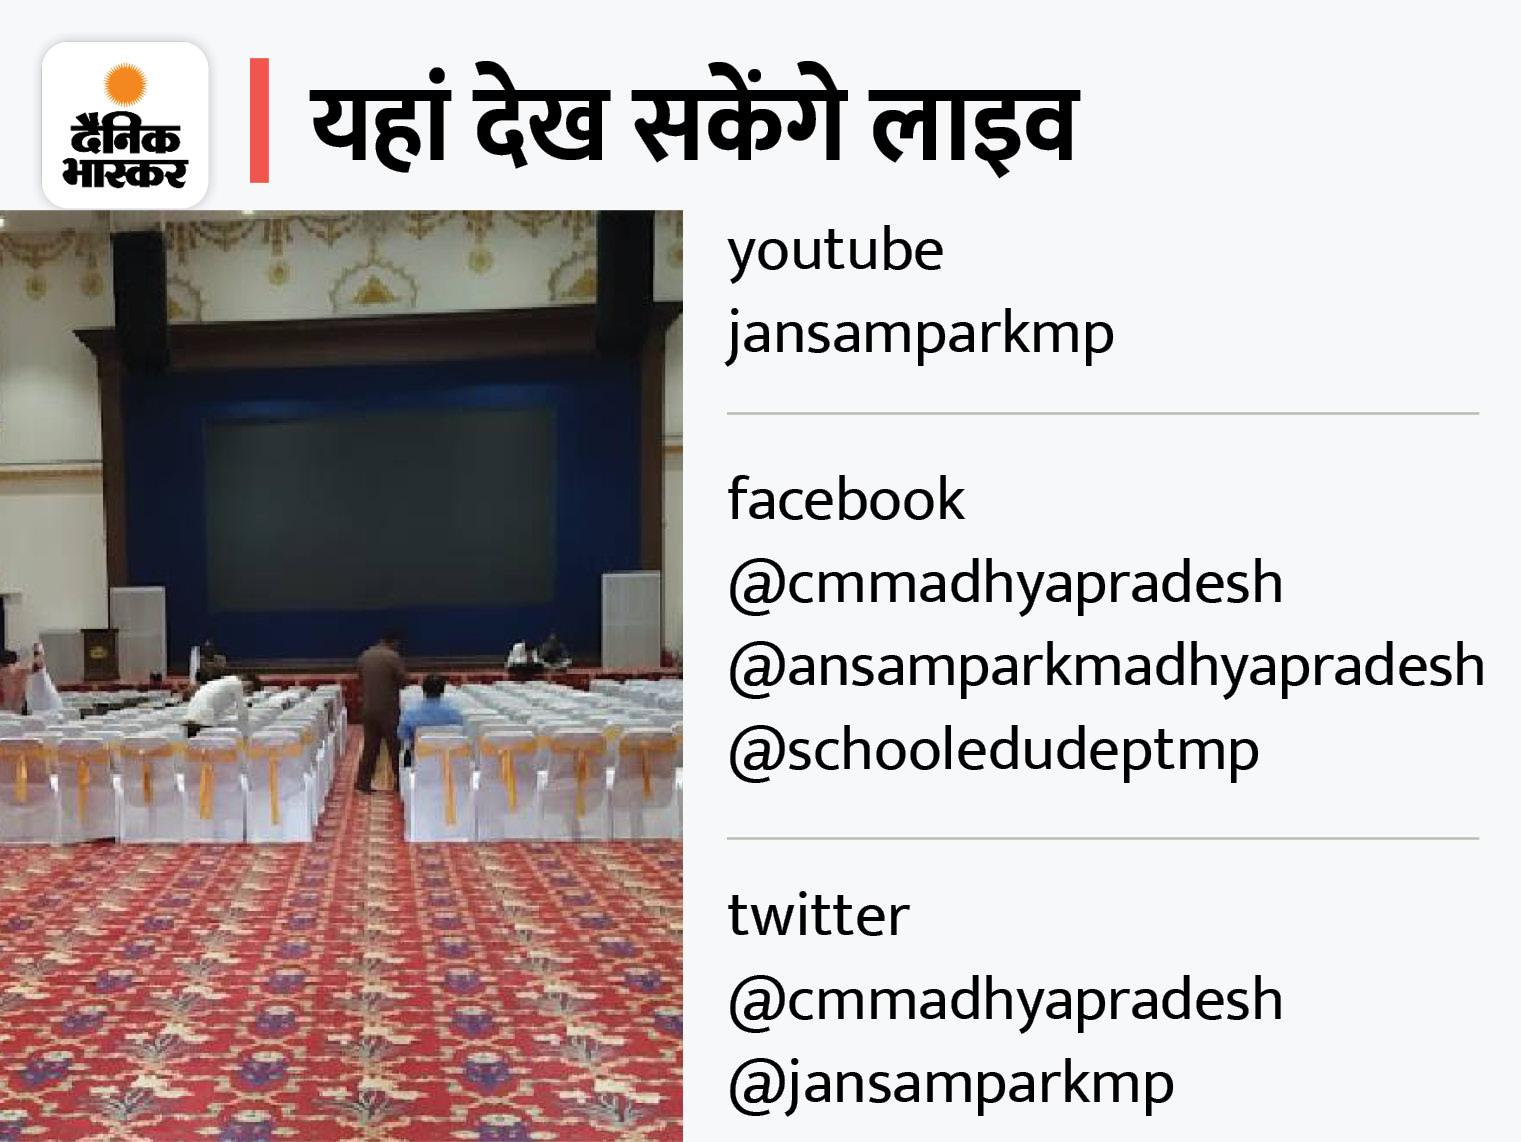 MP से सिलेक्टेड कैंडिडेट बताएंगे सिलेक्शन का तरीका, 1 घंटे तक देंगे सवालों के जवाब; आज भोपाल के मिंटो हॉल में कार्यक्रम मध्य प्रदेश,Madhya Pradesh - Dainik Bhaskar